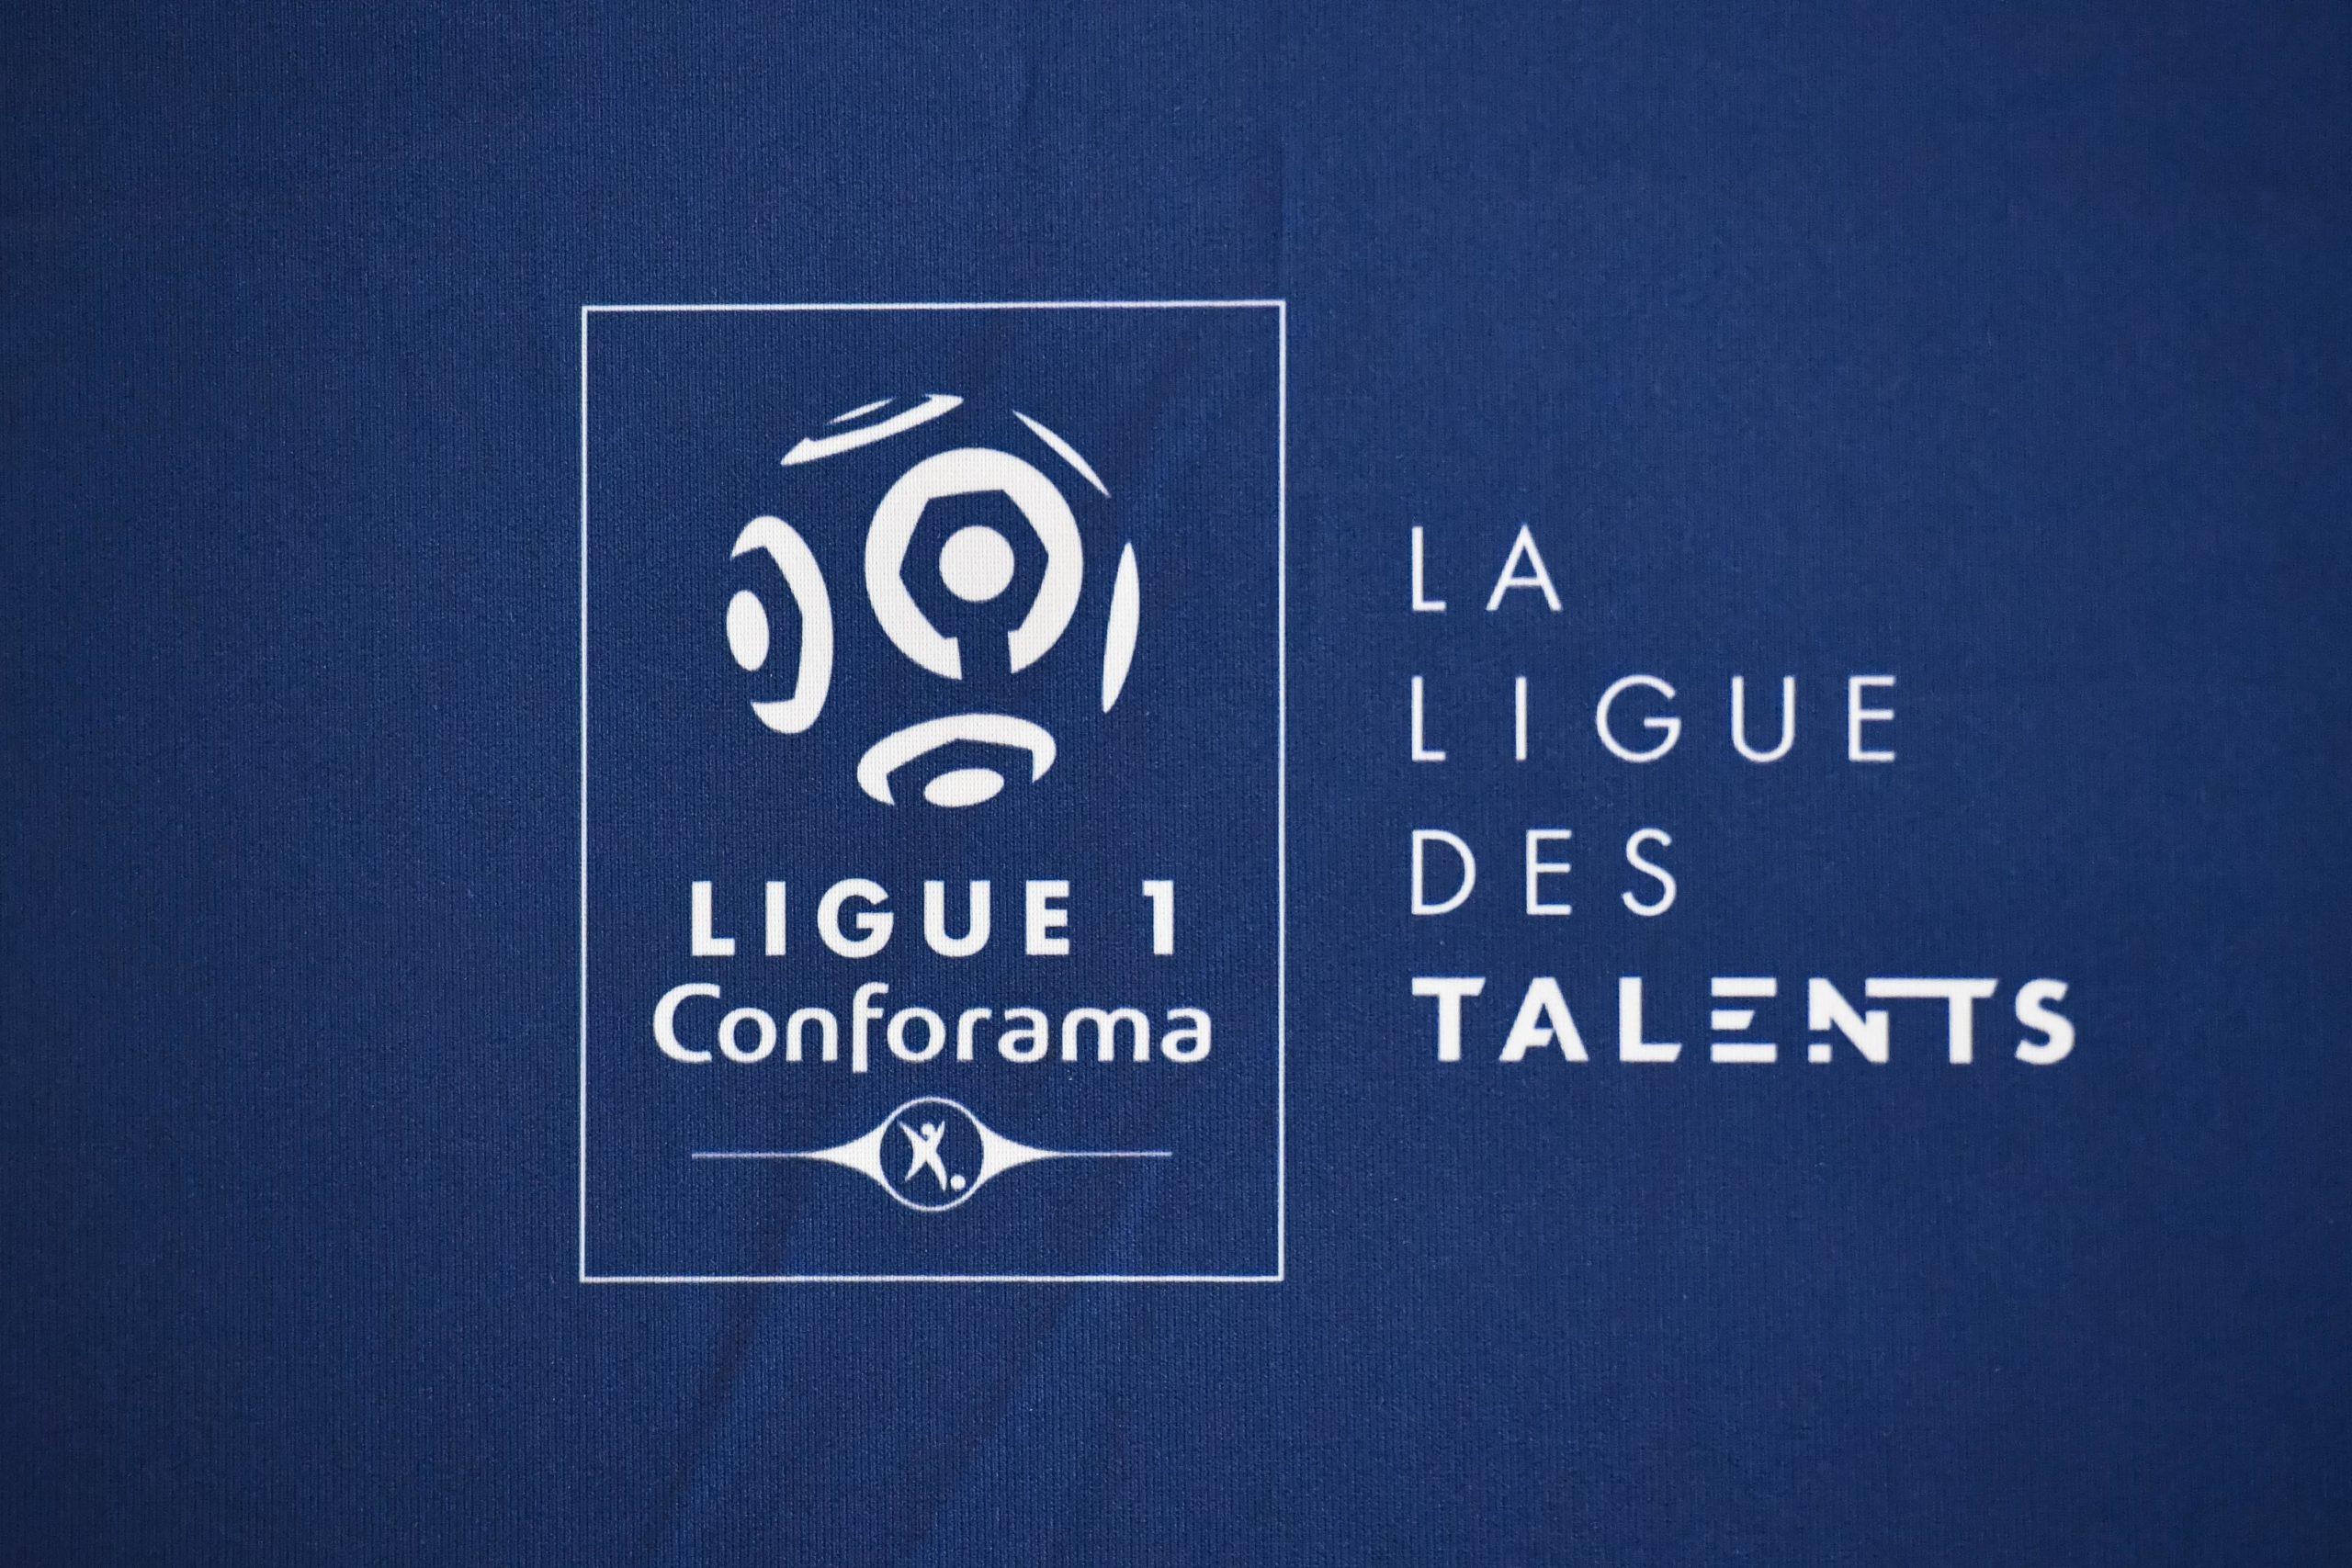 Le calendrier des matchs de la Ligue 1 2020 2021 sera annoncé le